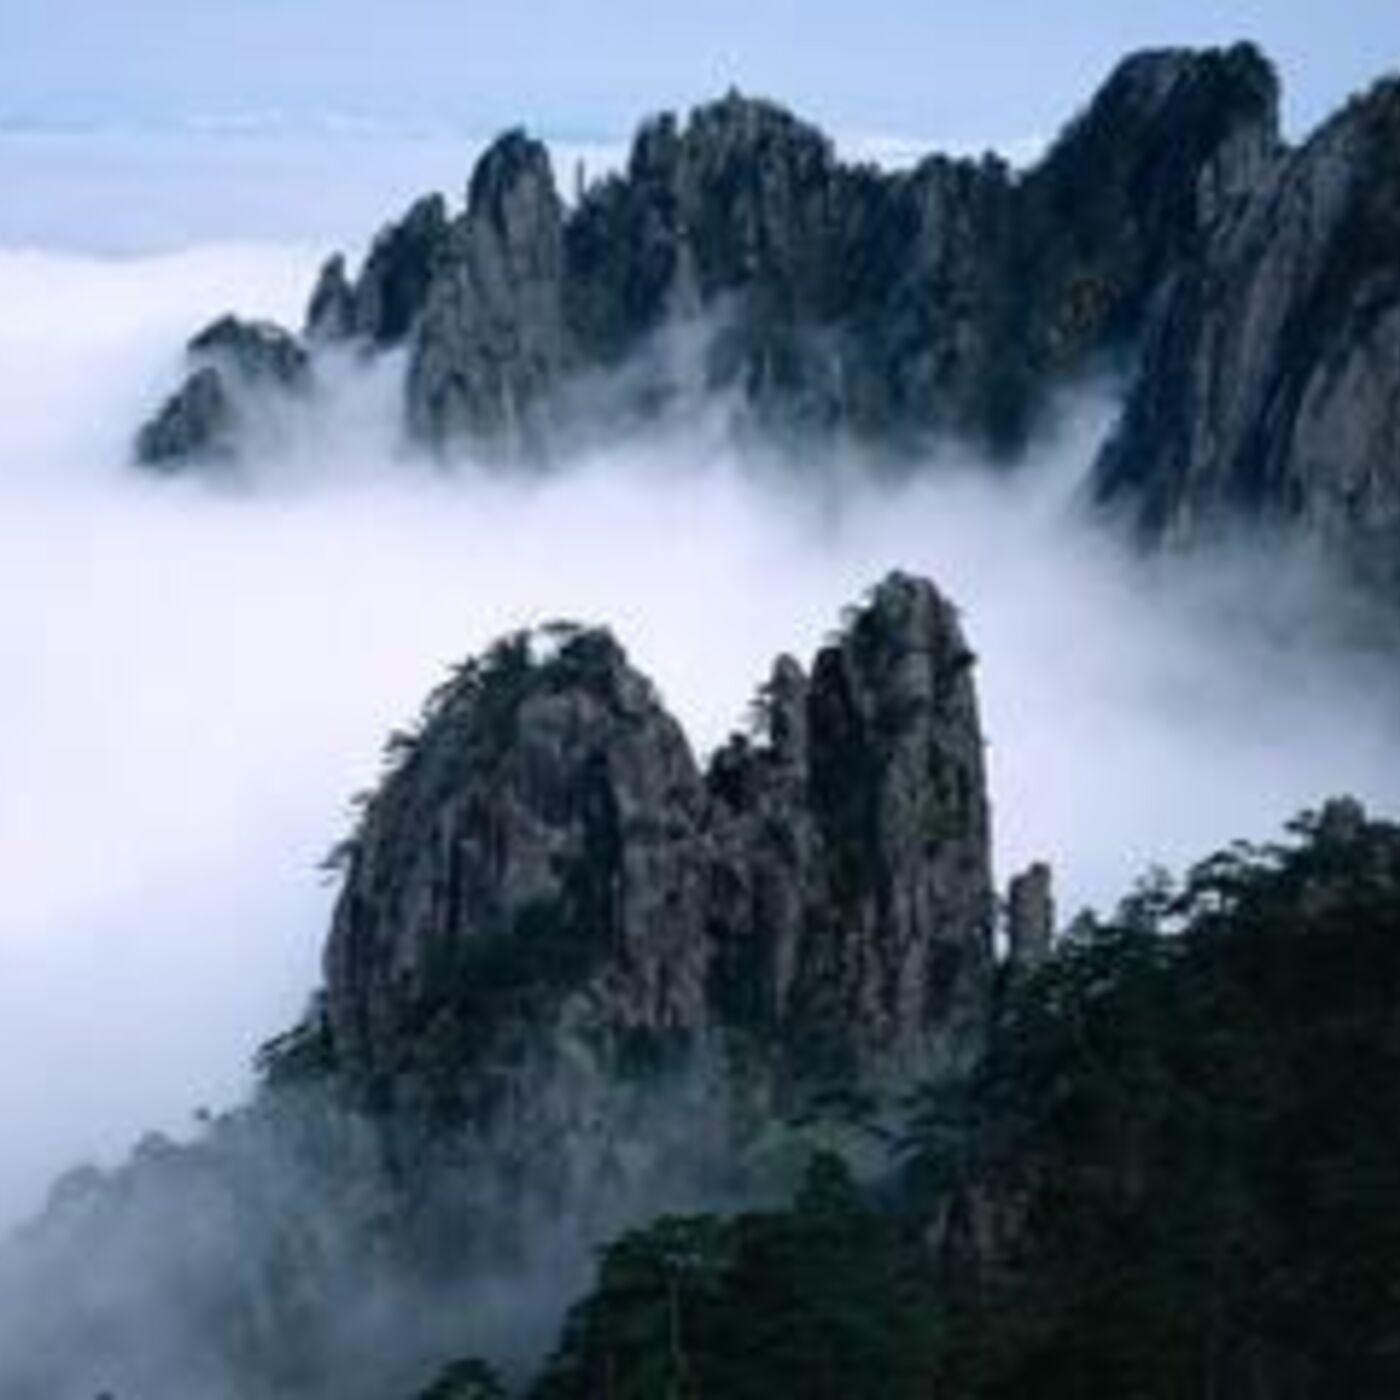 Bandits of the Jinggangshan